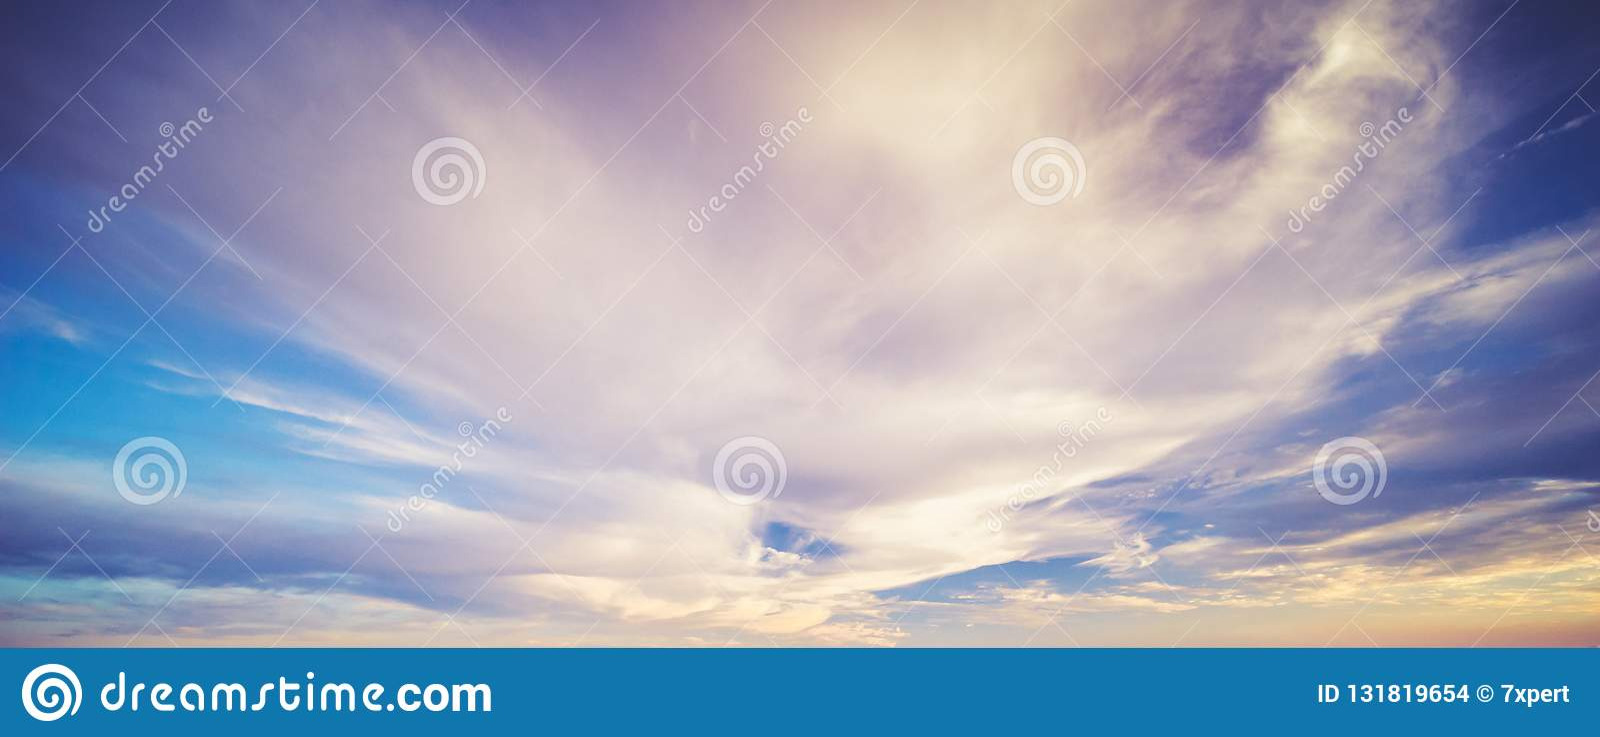 Σύννεφα θερινού ουρανού